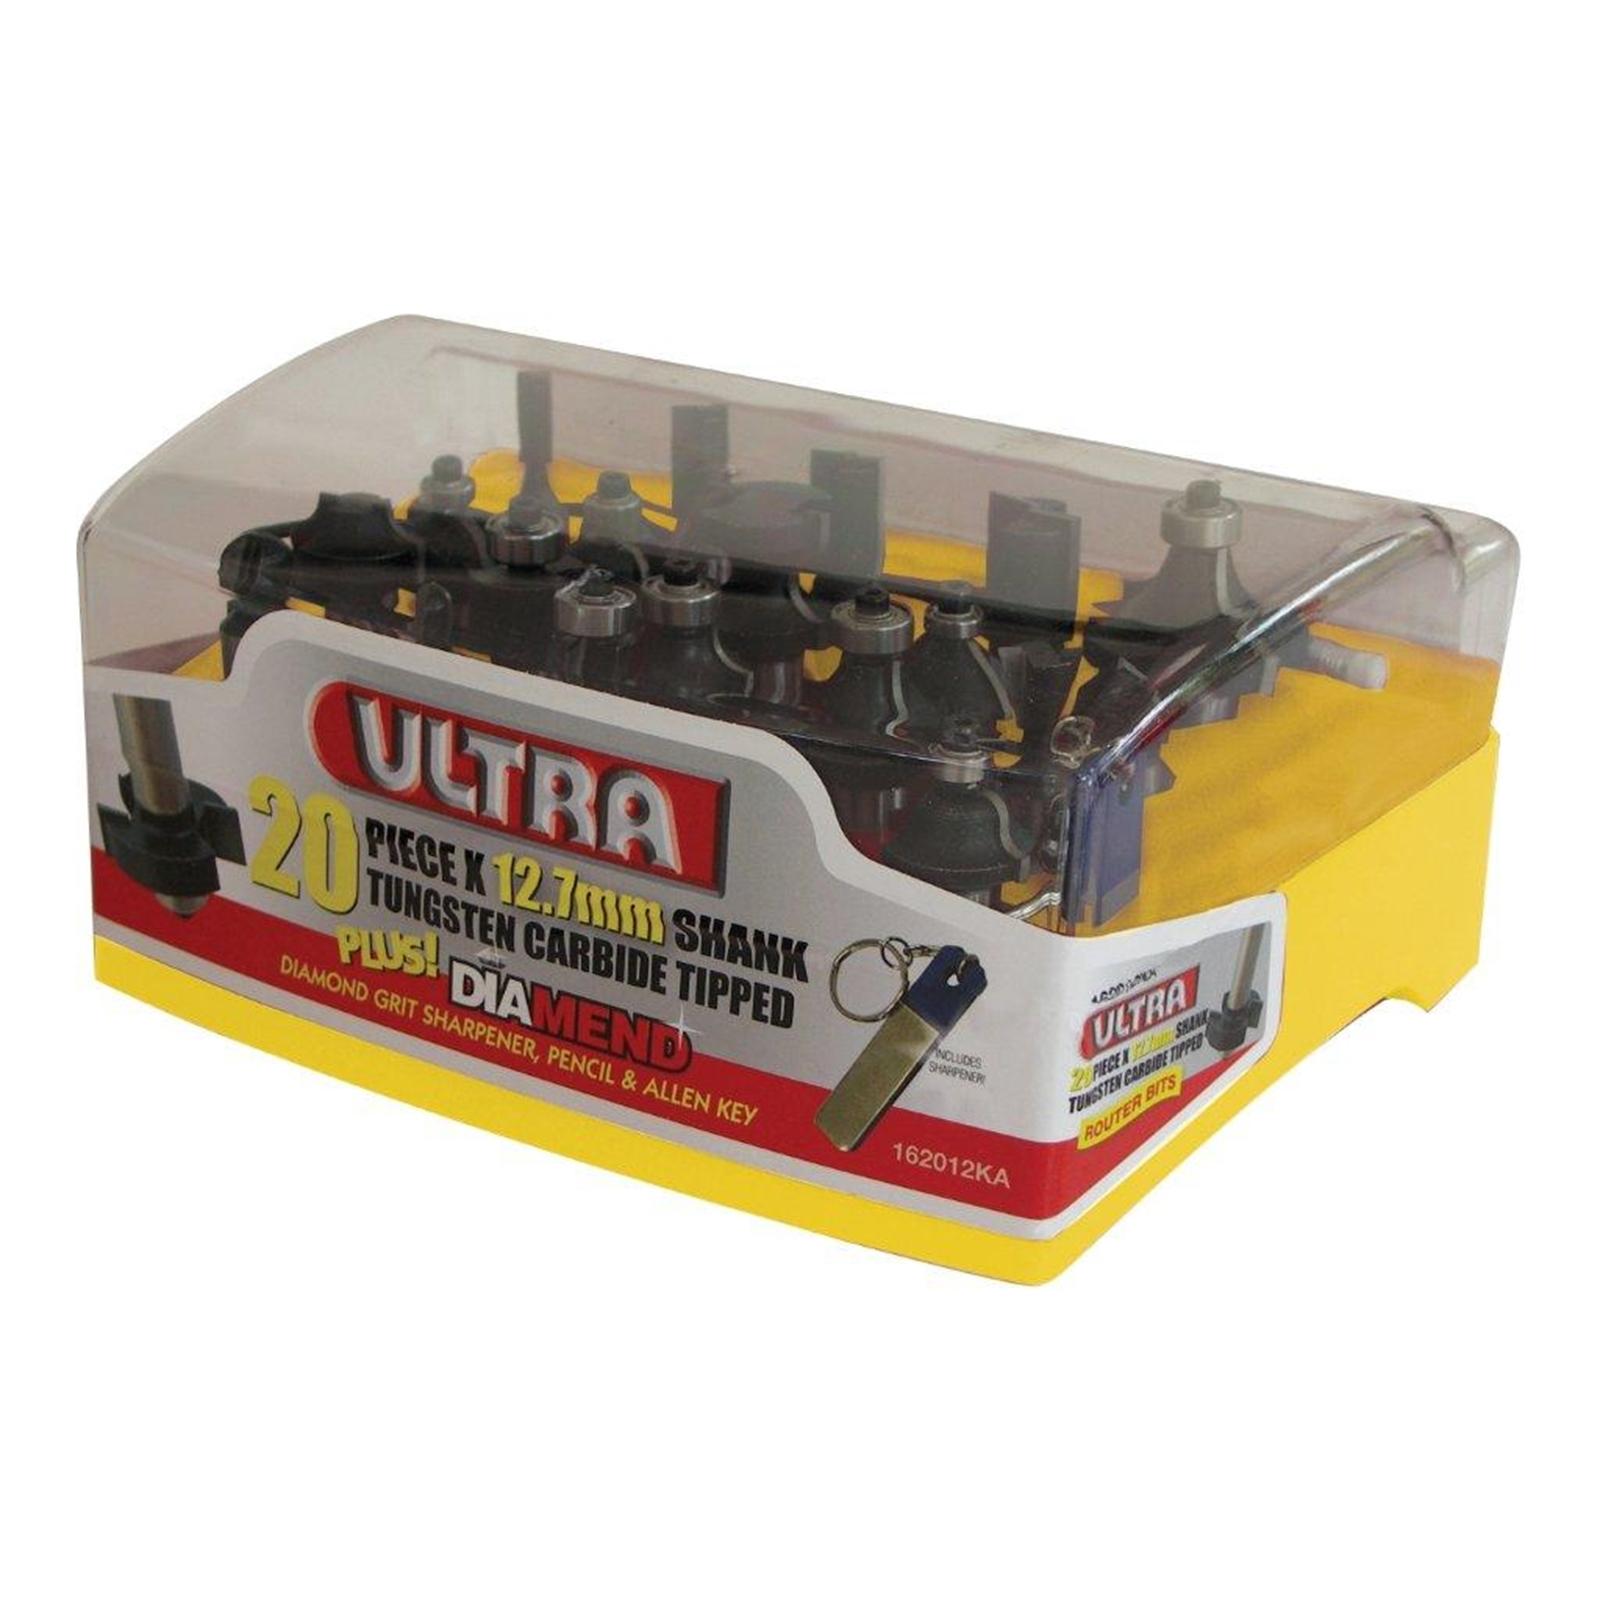 Ultra 20 Piece 12.7mm Router Bit Set